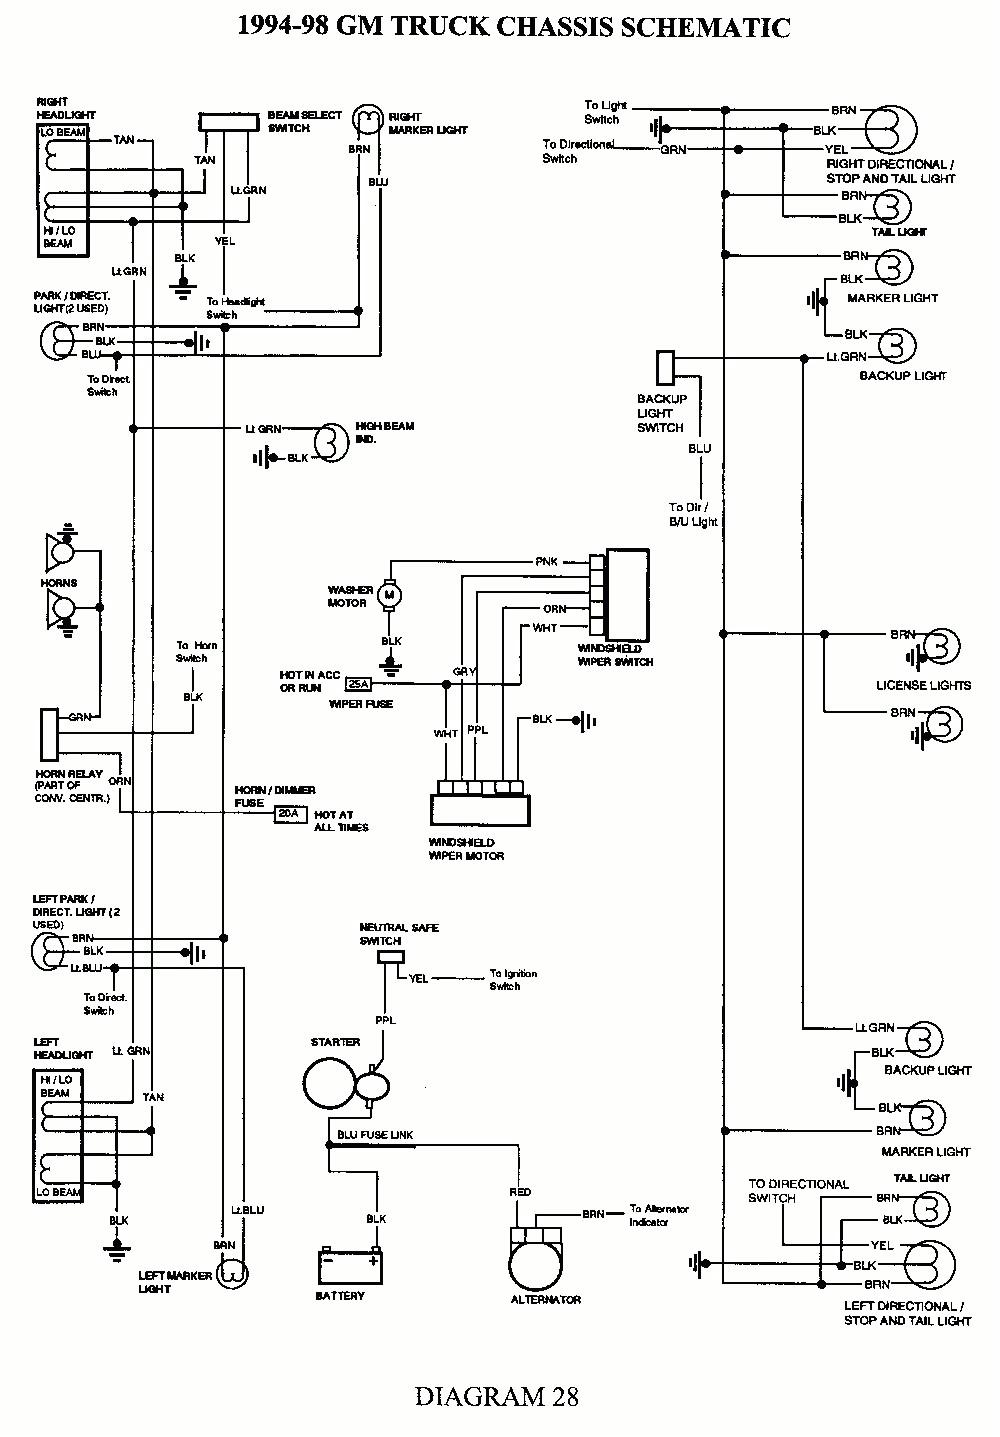 2003 yukon wiring diagram charging gmc 3500 wiring diagram 76y 30 chew popbio2017 de t  l  charger le  gmc 3500 wiring diagram 76y 30 chew